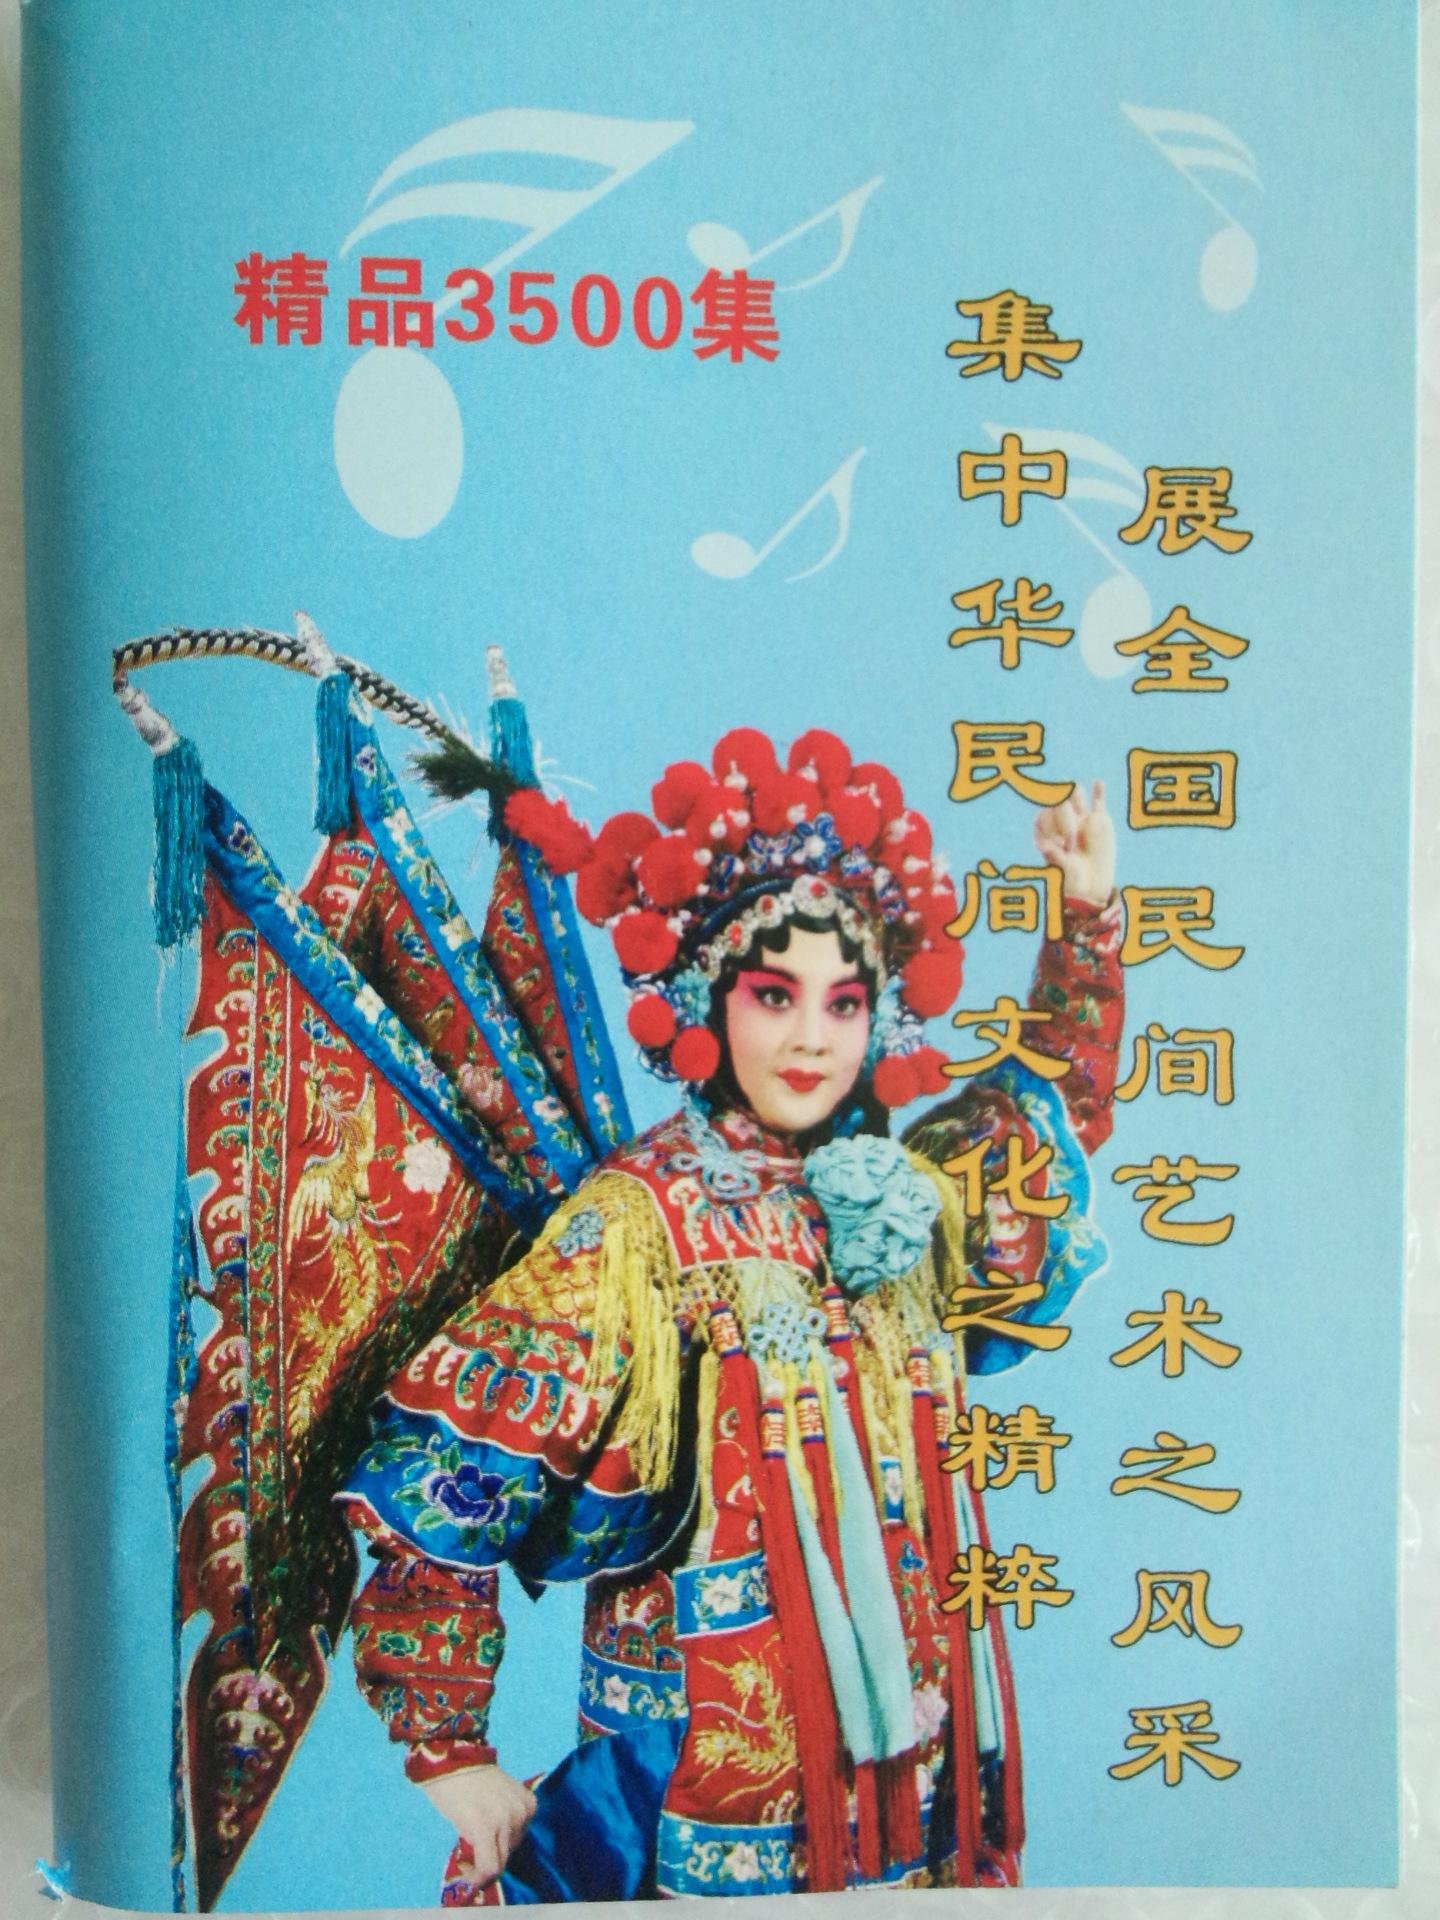 3500首 精品TF-4G(3500)集戏曲.评书.歌曲.舞曲海量卡